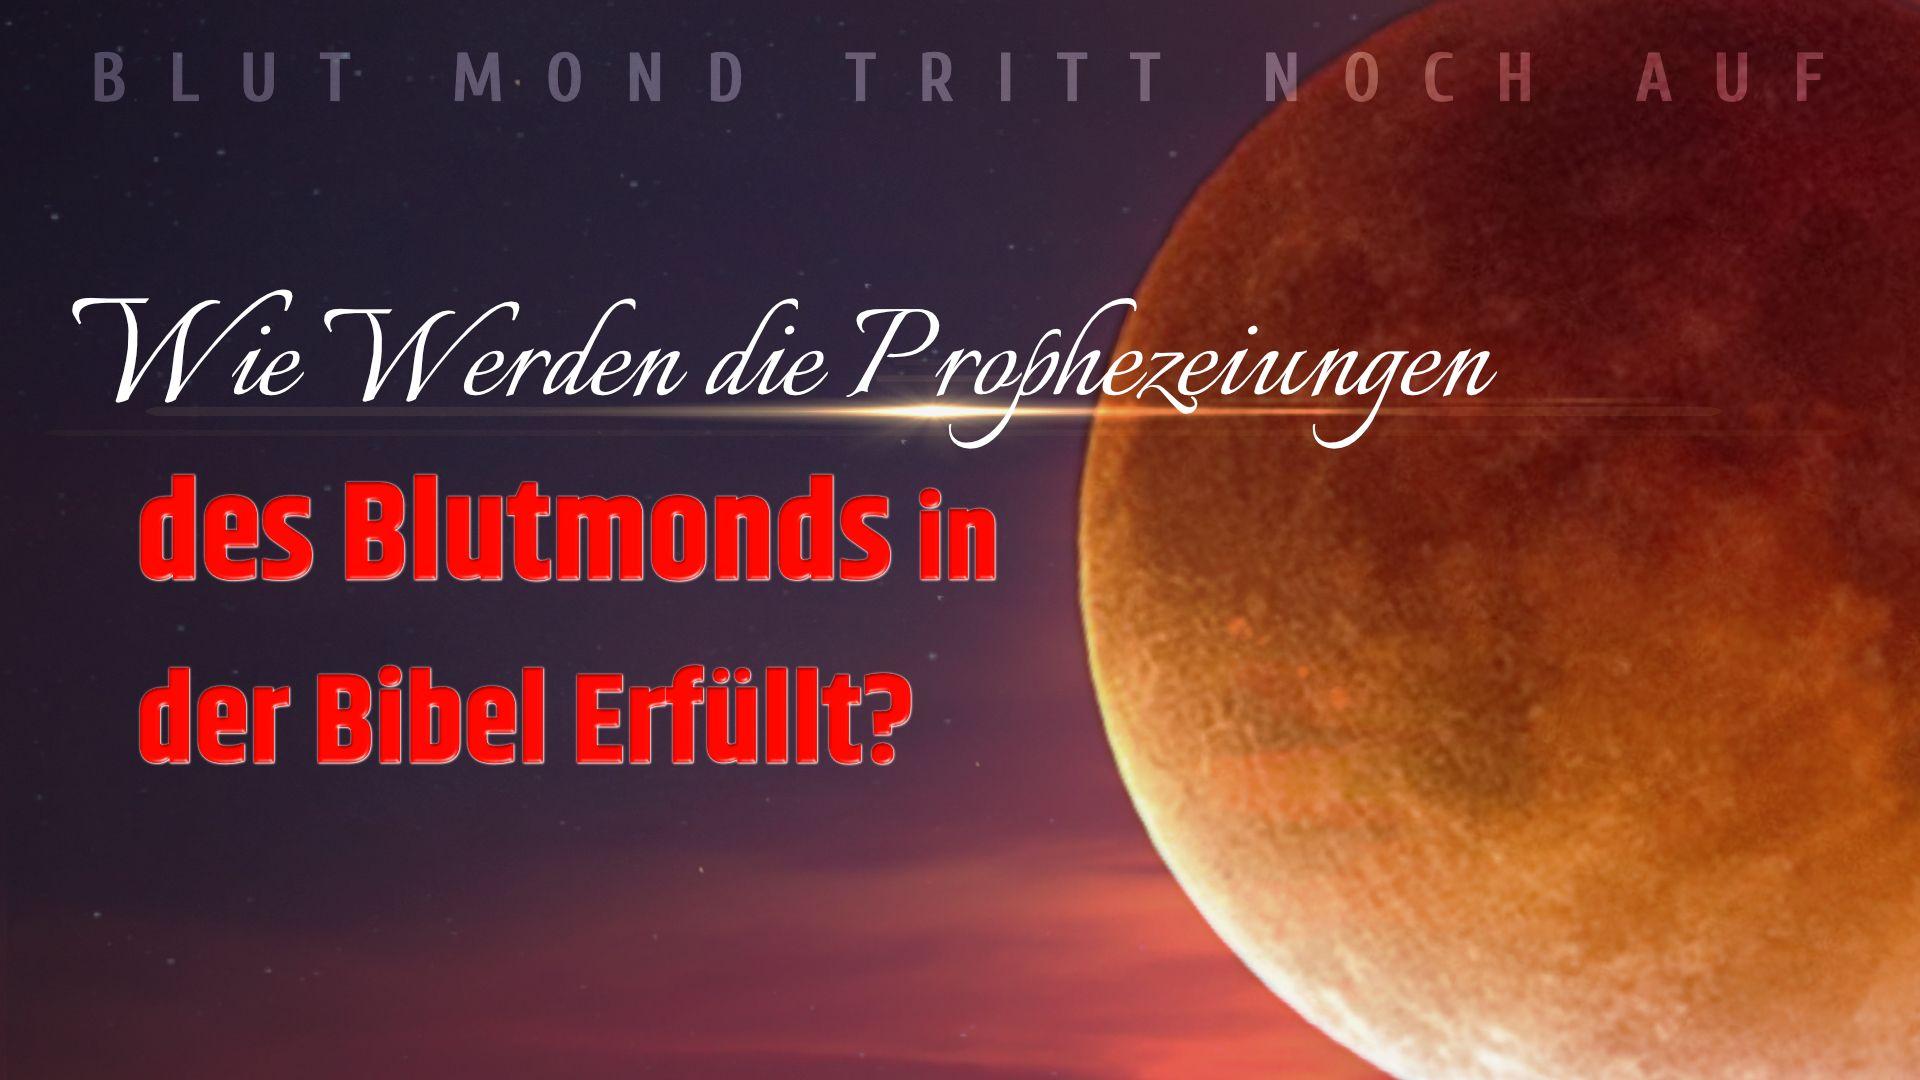 Endzeit Zeichen Am Himmel Die Prophezeiung Des Blutmonds In Der Bibel Ist Erfullt Blutmond Evangelium Bibel